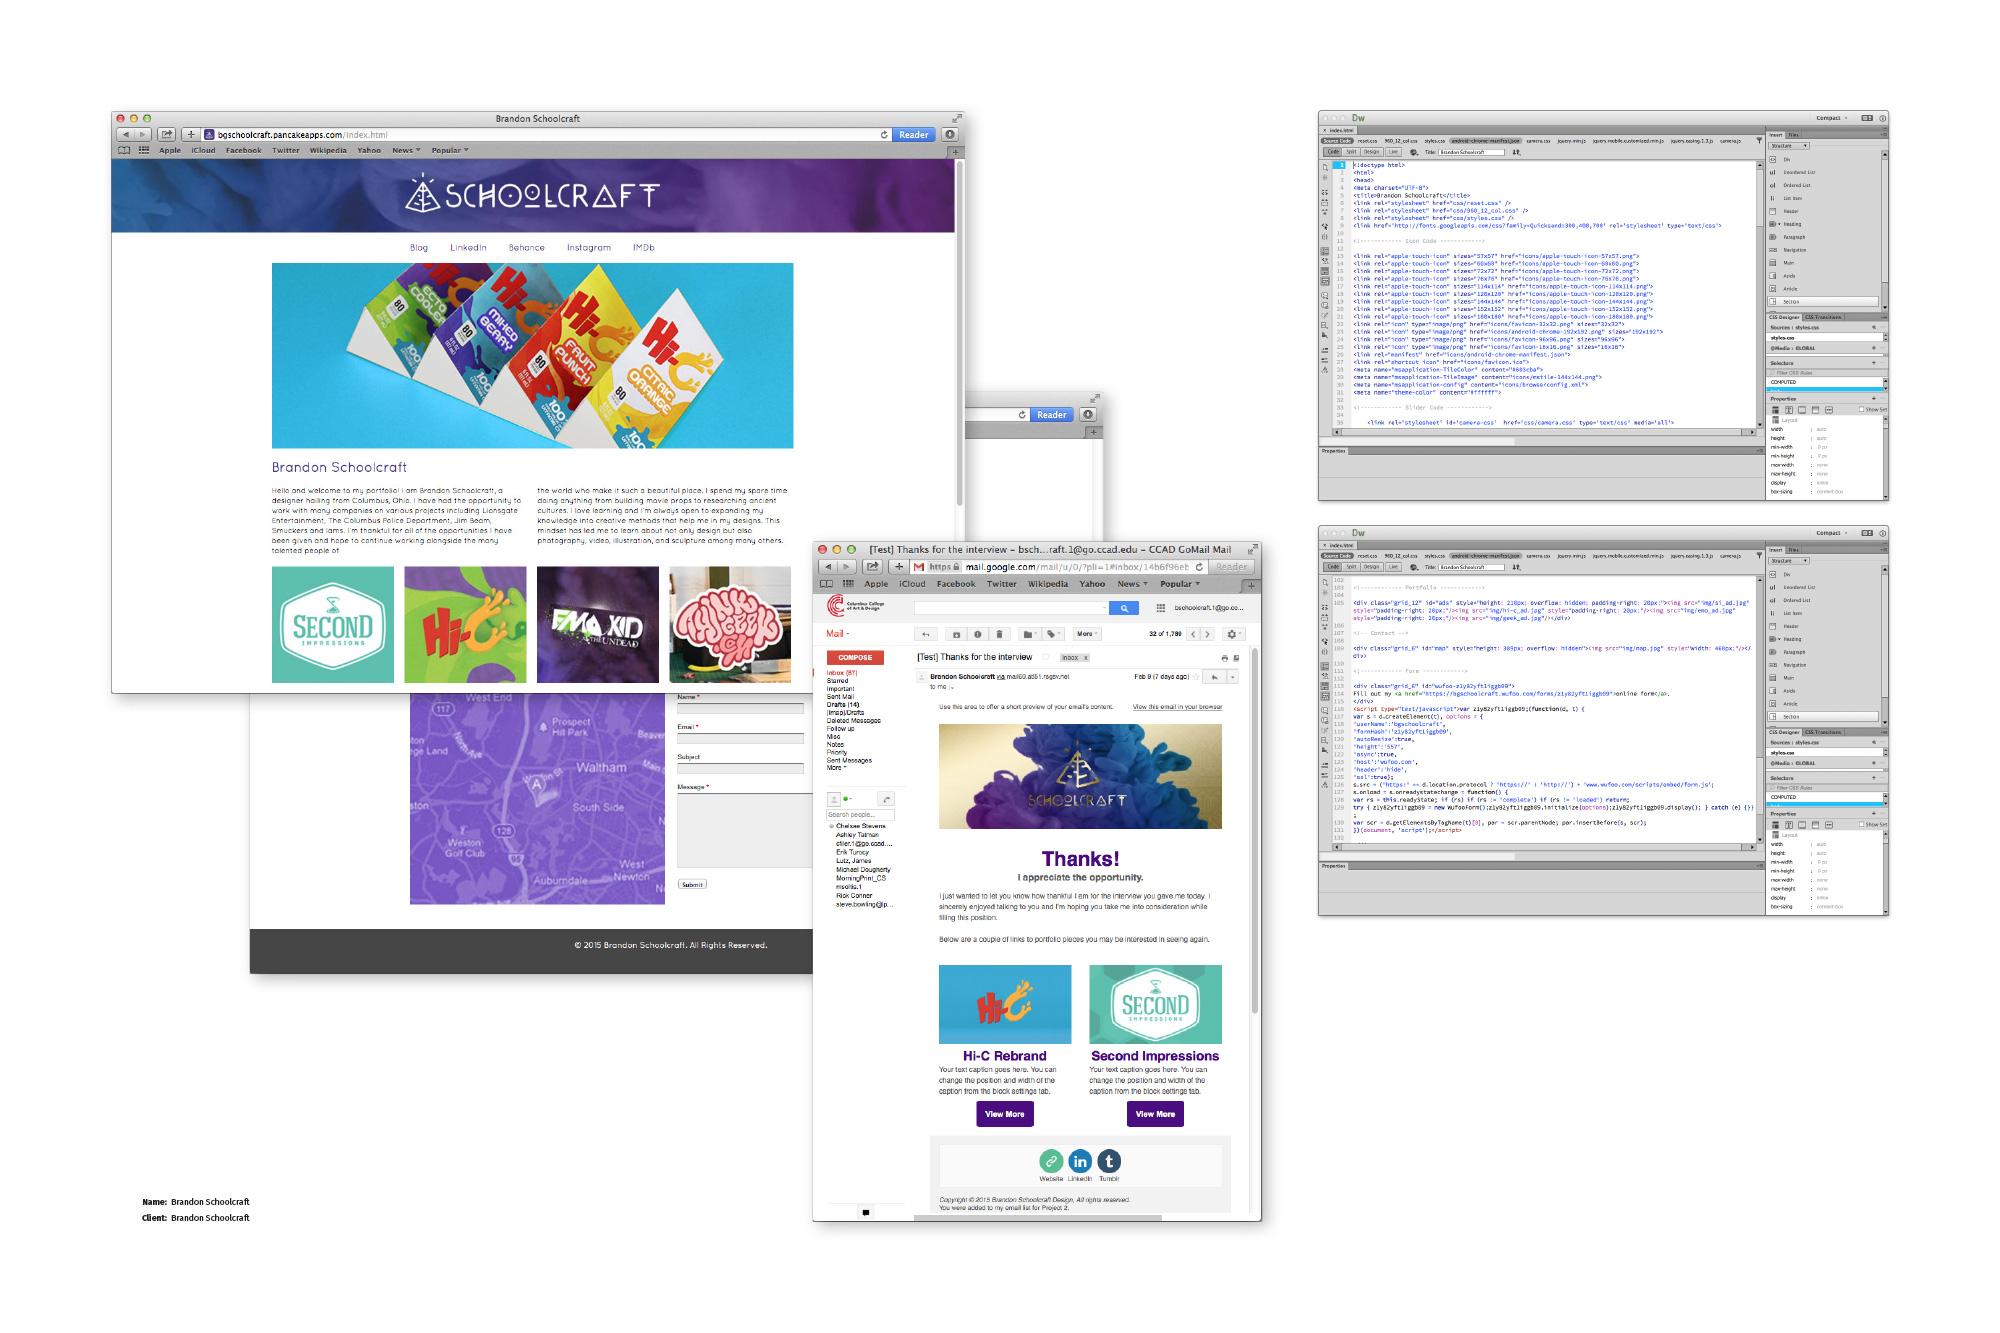 ADVE3630_Bennett_Page Design and Development_Brandon Schoolcraft.jpg